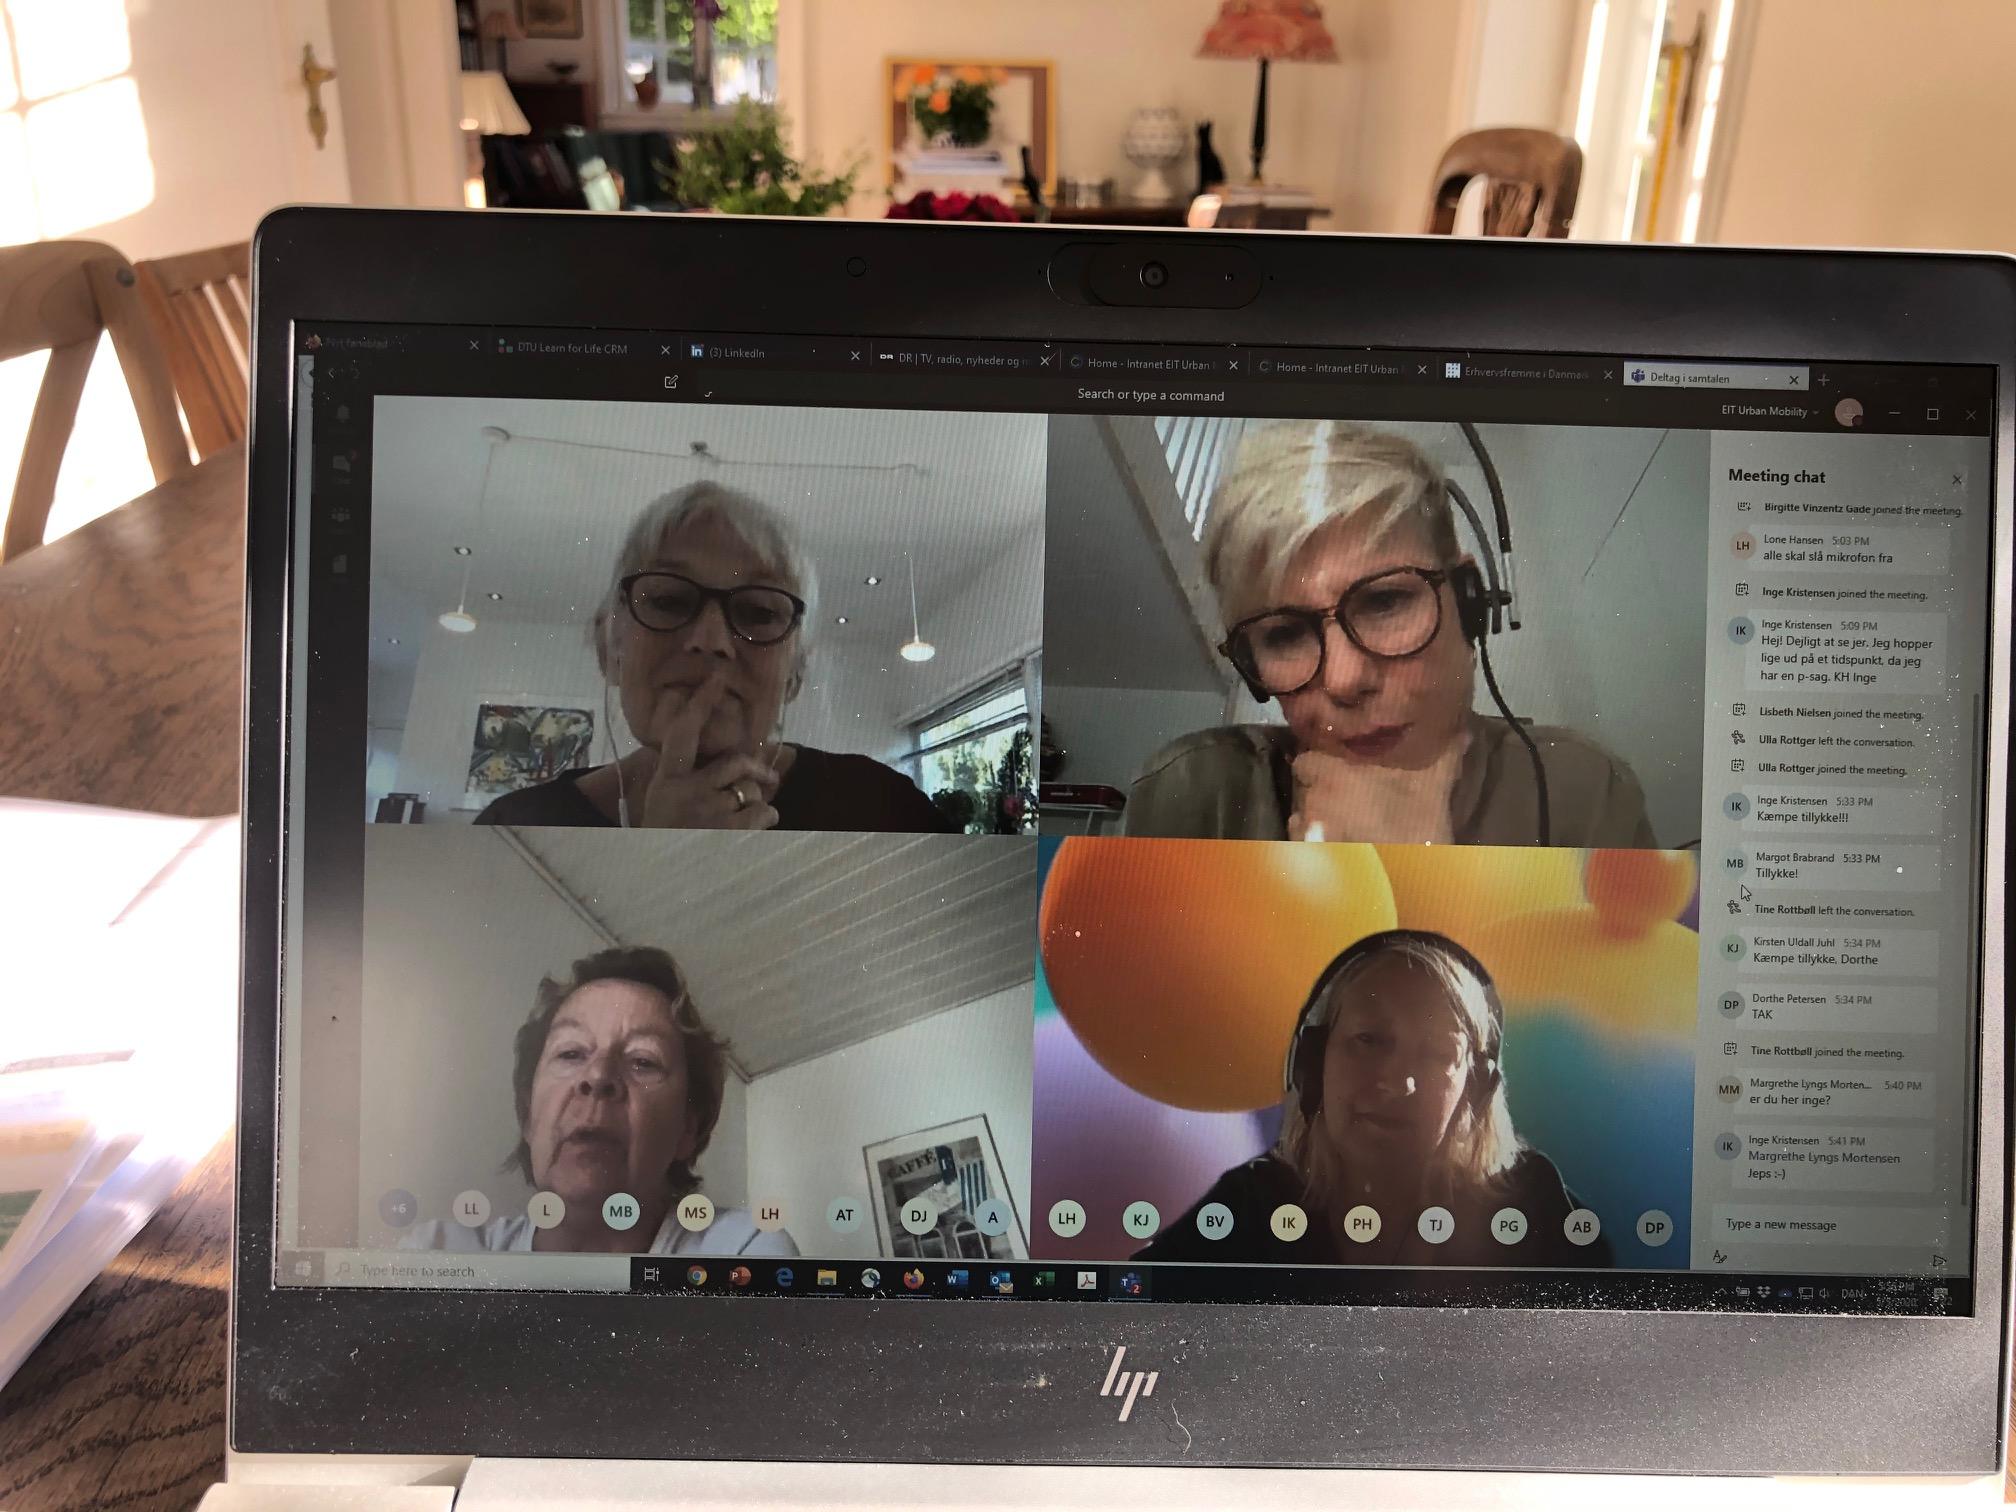 Sådan håndterer VL-grupperne Corona-krisen: Online møder, ofte